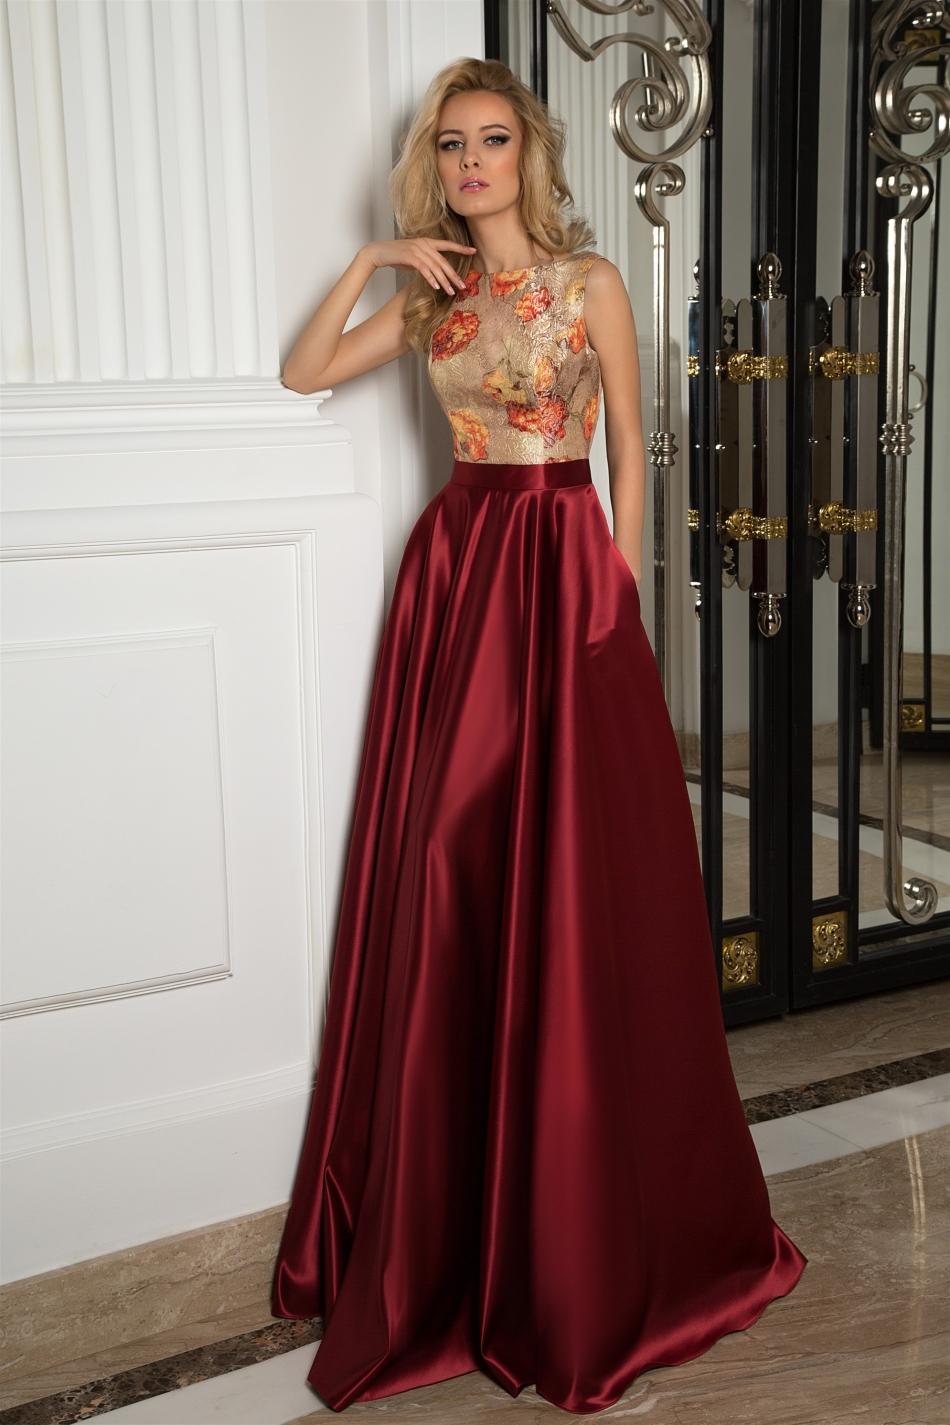 eba4642d78df OKSANA MUKHA - spoločenské šaty model 16-1069 - jeden z TOP modelov  spoločenských šiat